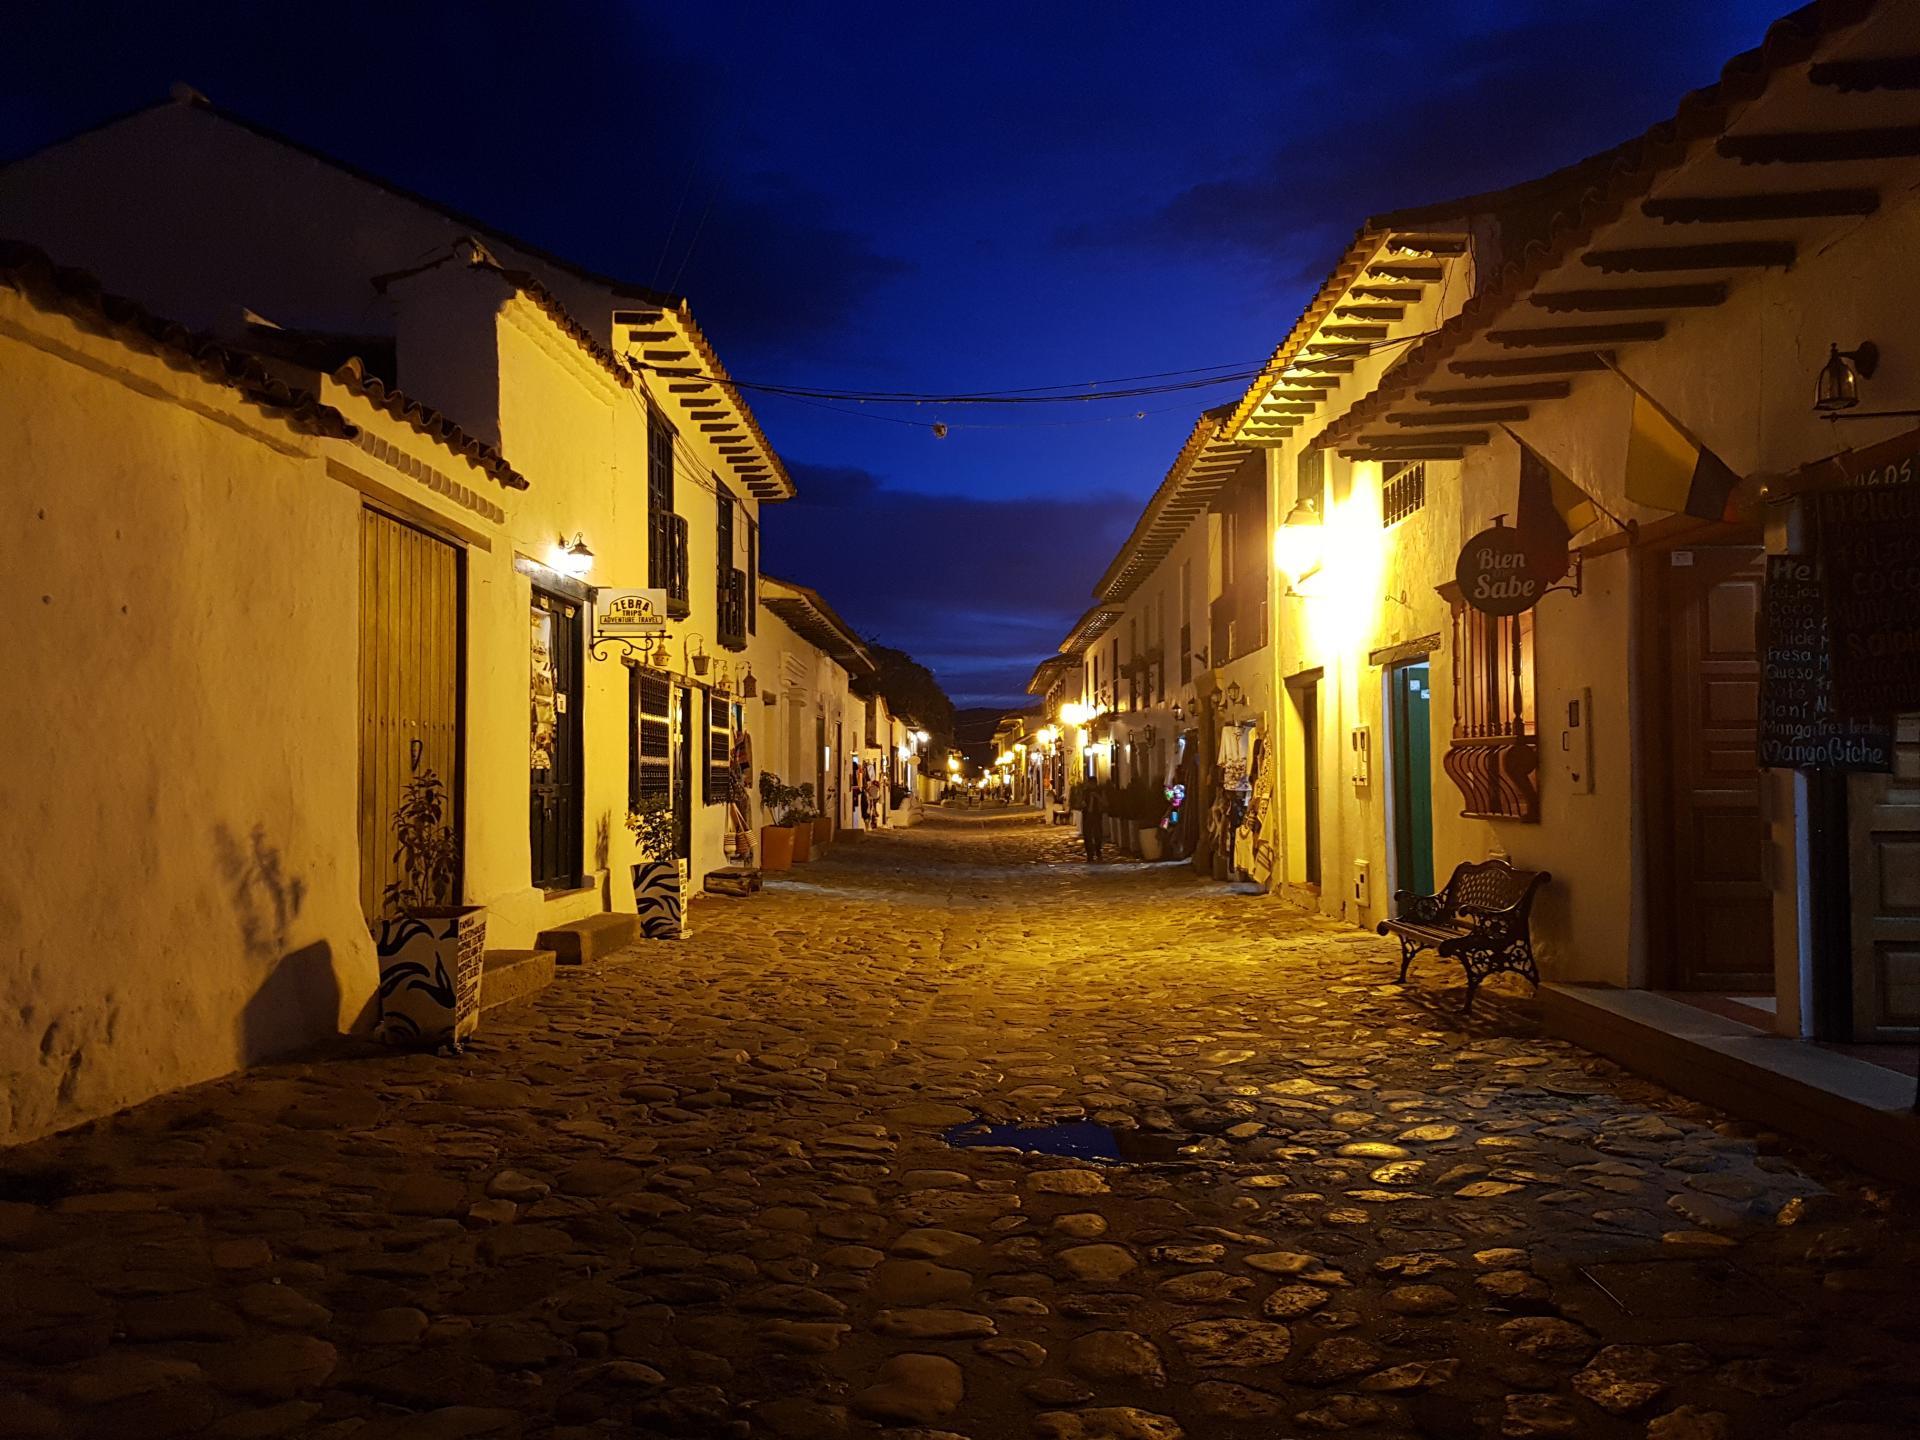 auf dieser Reise erleben Sie die kolonialen Dörfer Kolumbiens mit all ihrem Charme